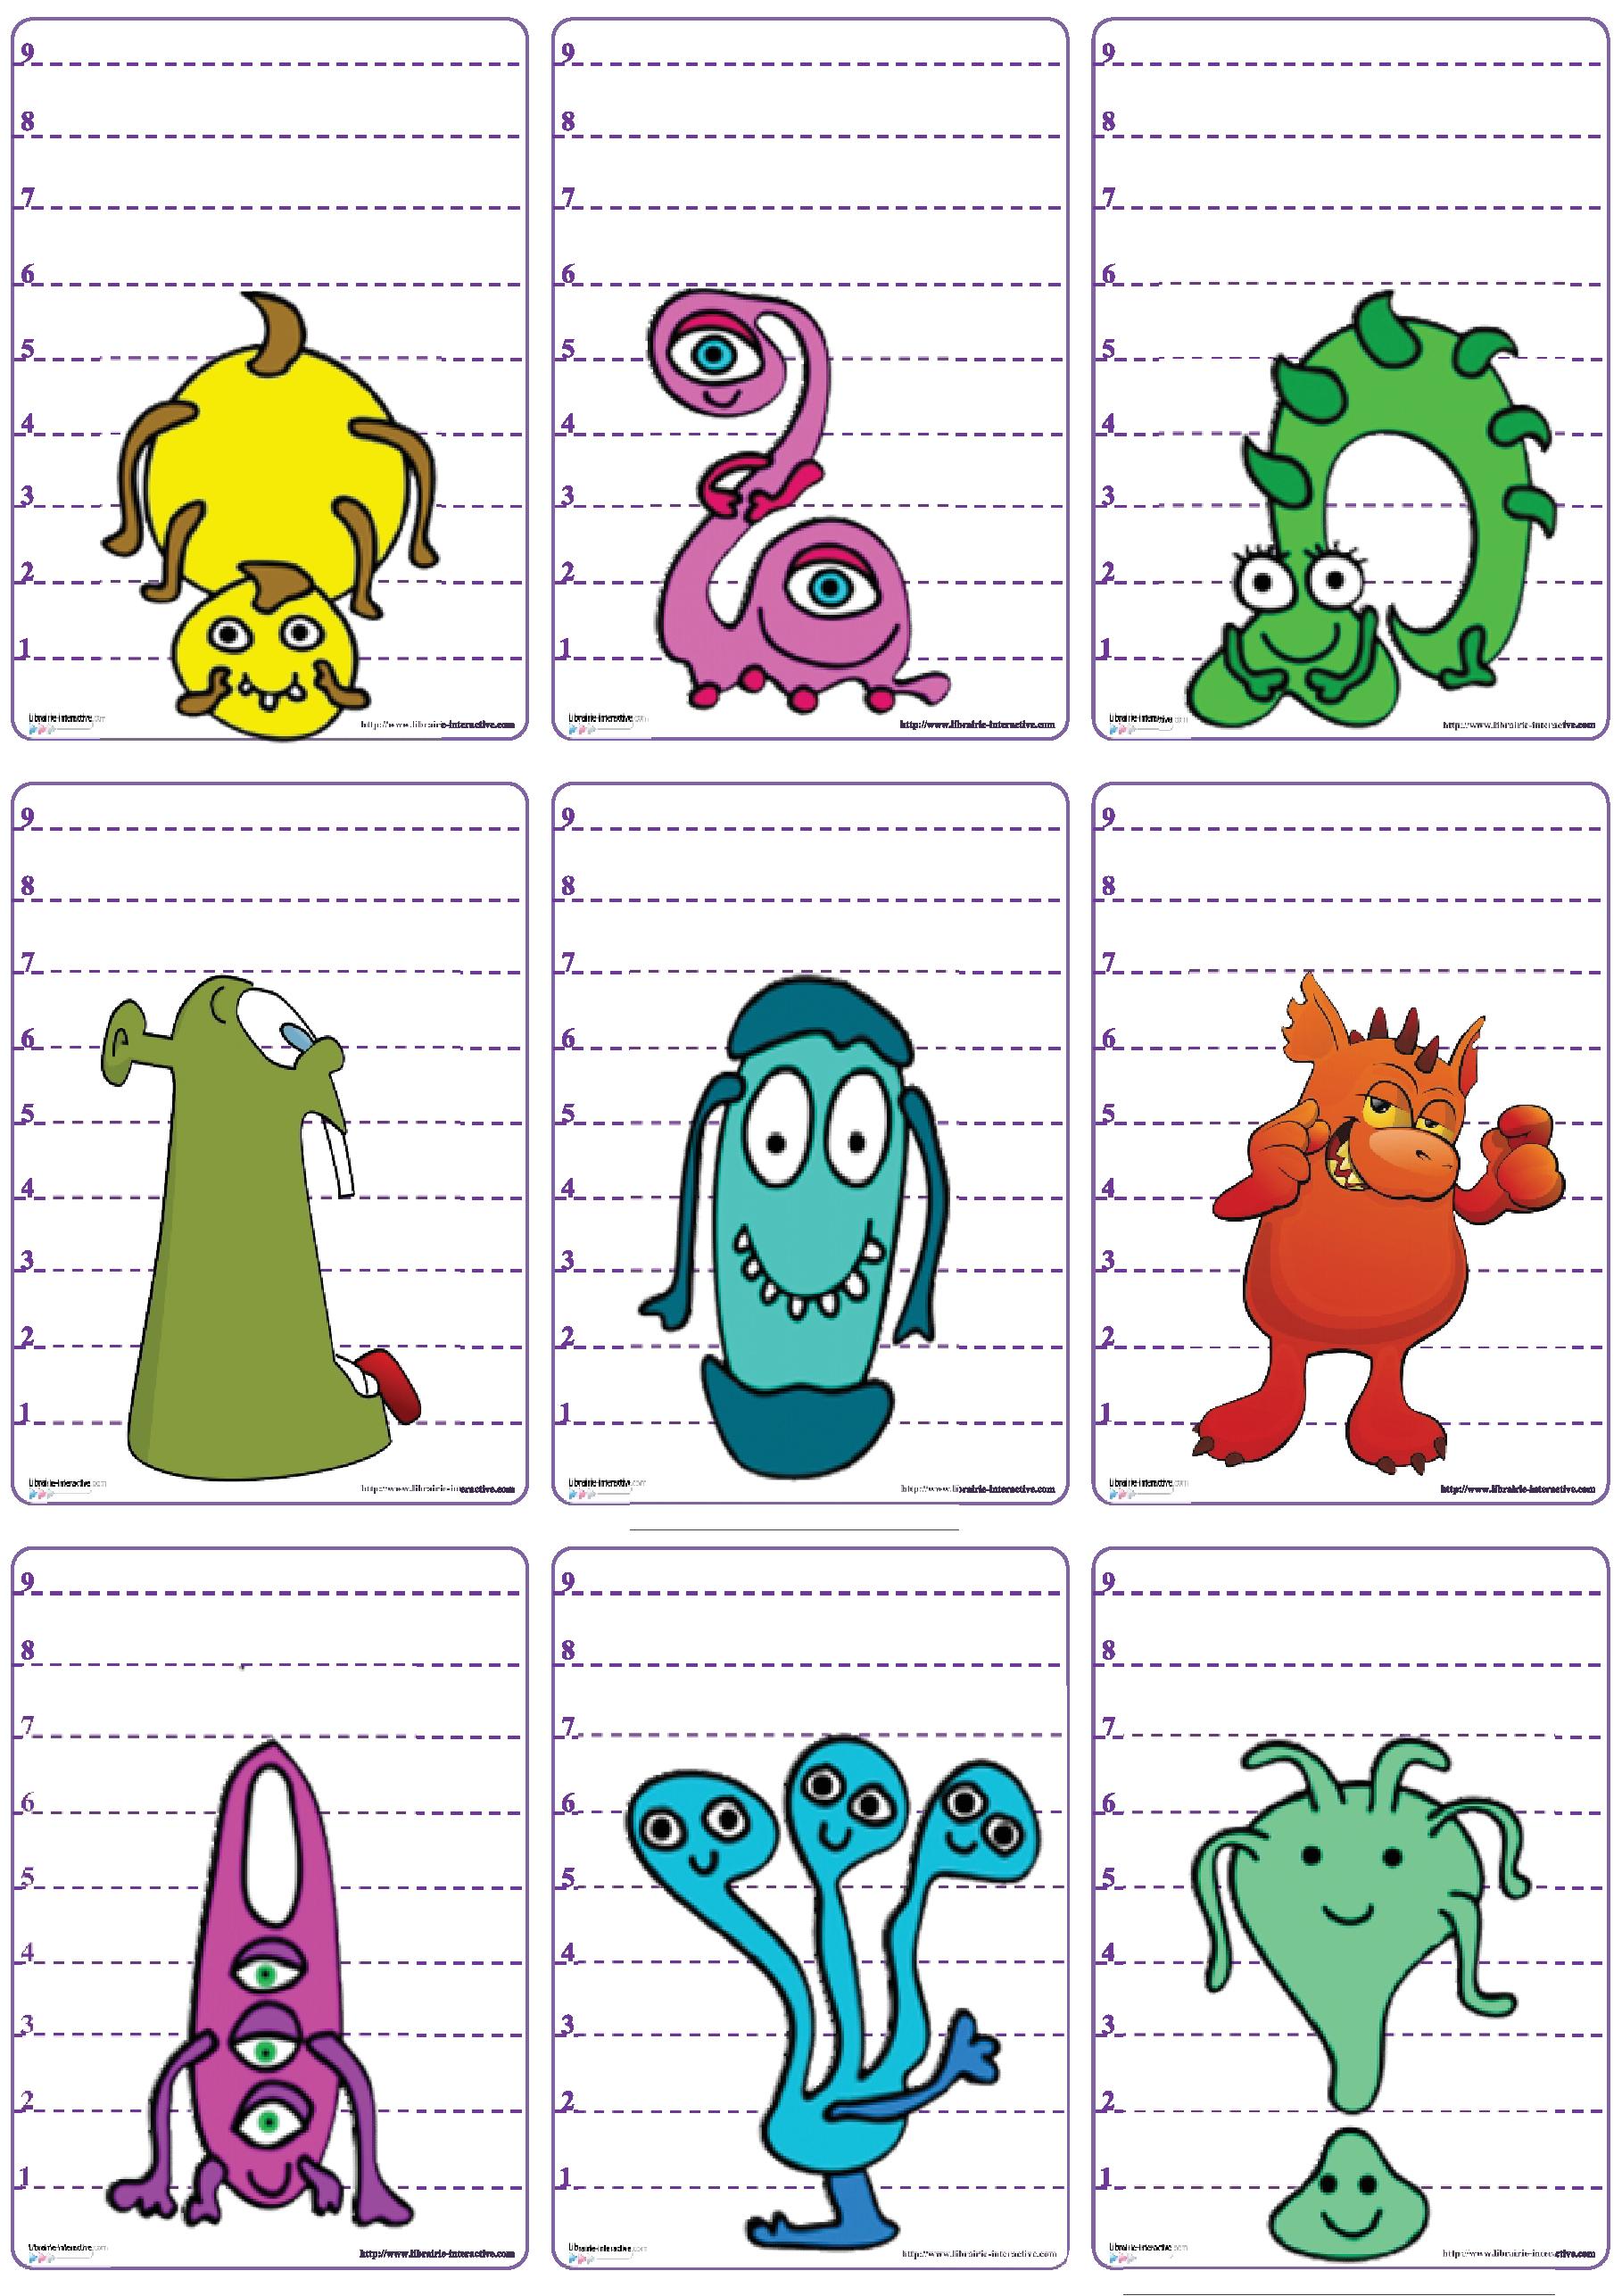 un jeu de 62 cartes sur le th me des monstres et d halloween pour j pinterest math monster. Black Bedroom Furniture Sets. Home Design Ideas